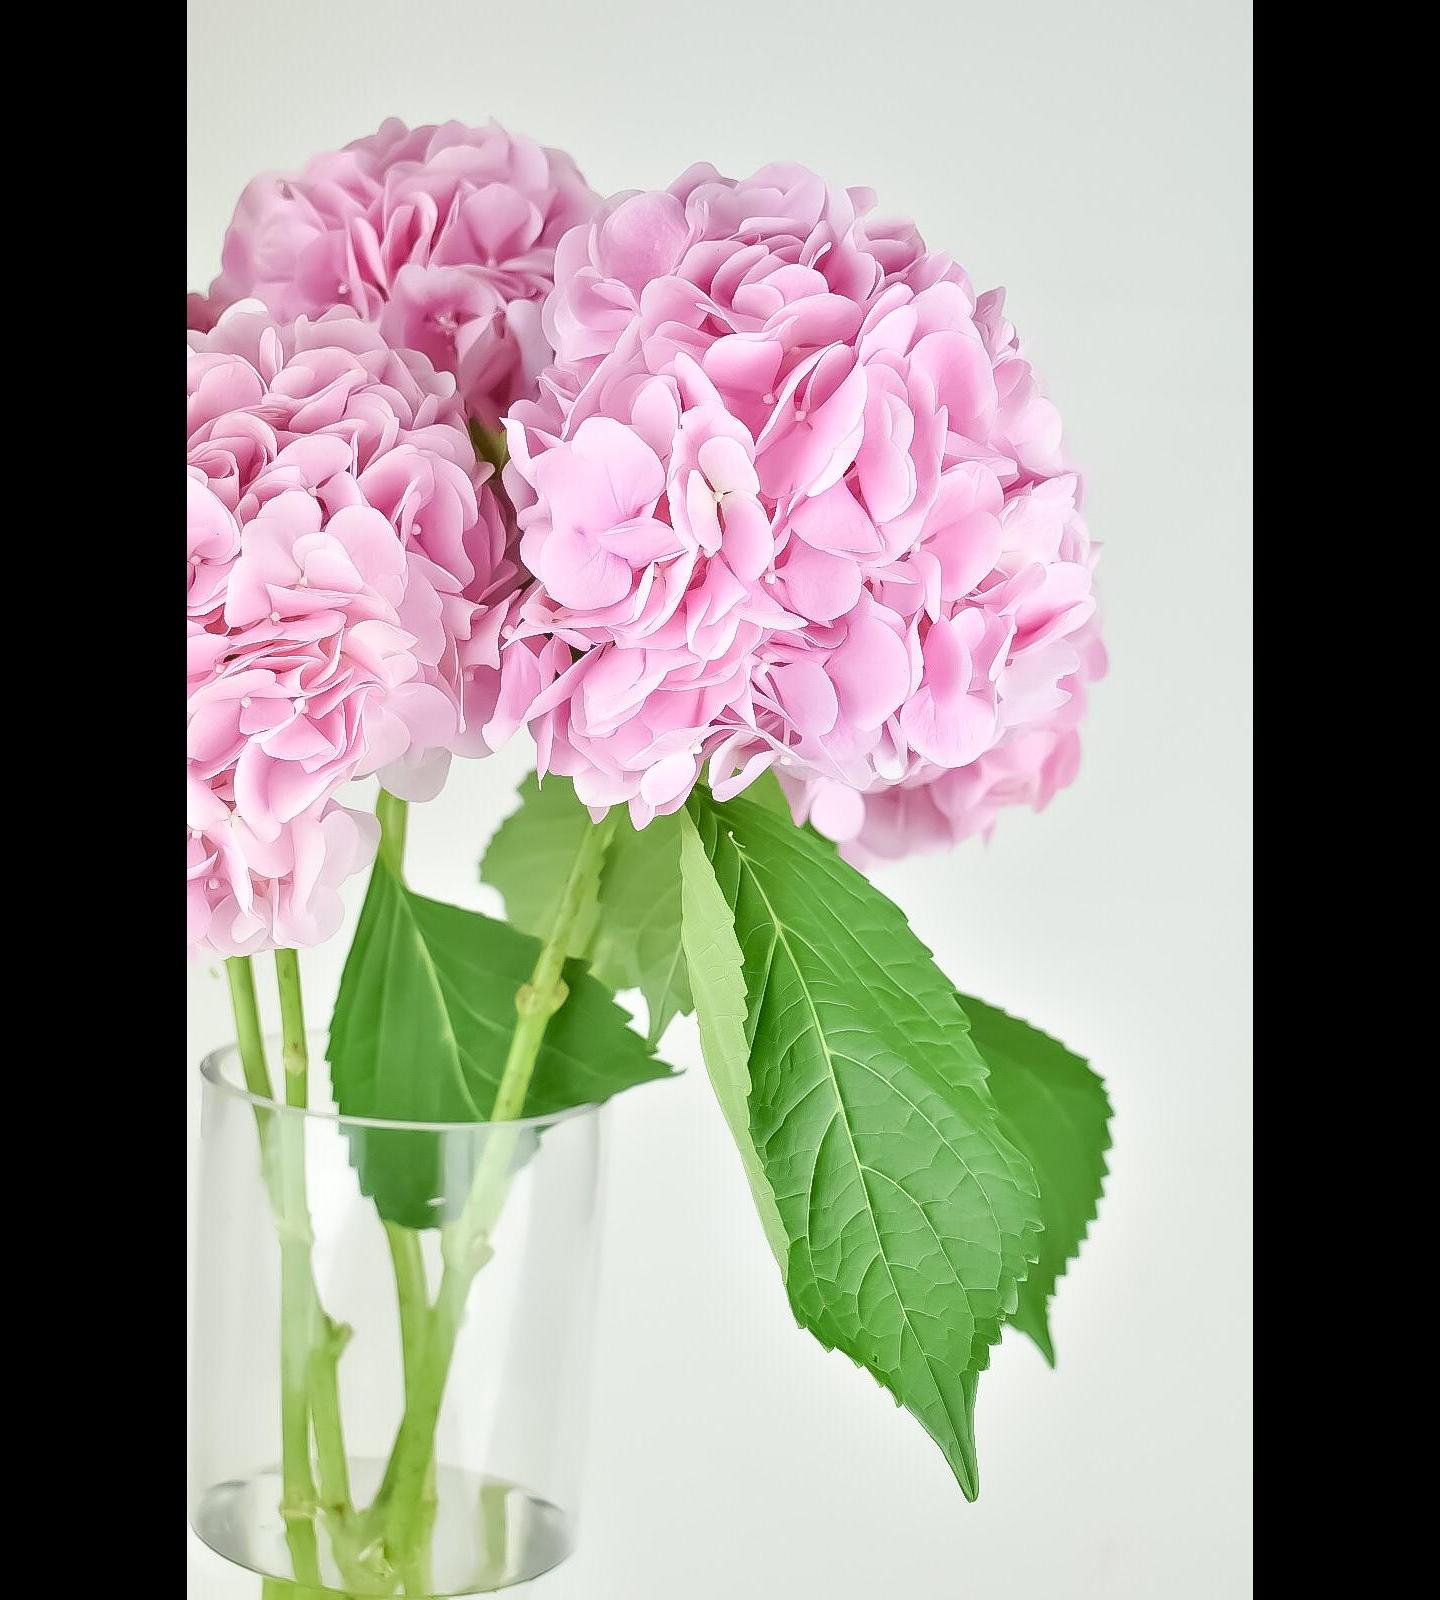 الكوبية - وردي فاتح  الزهور بالجملة